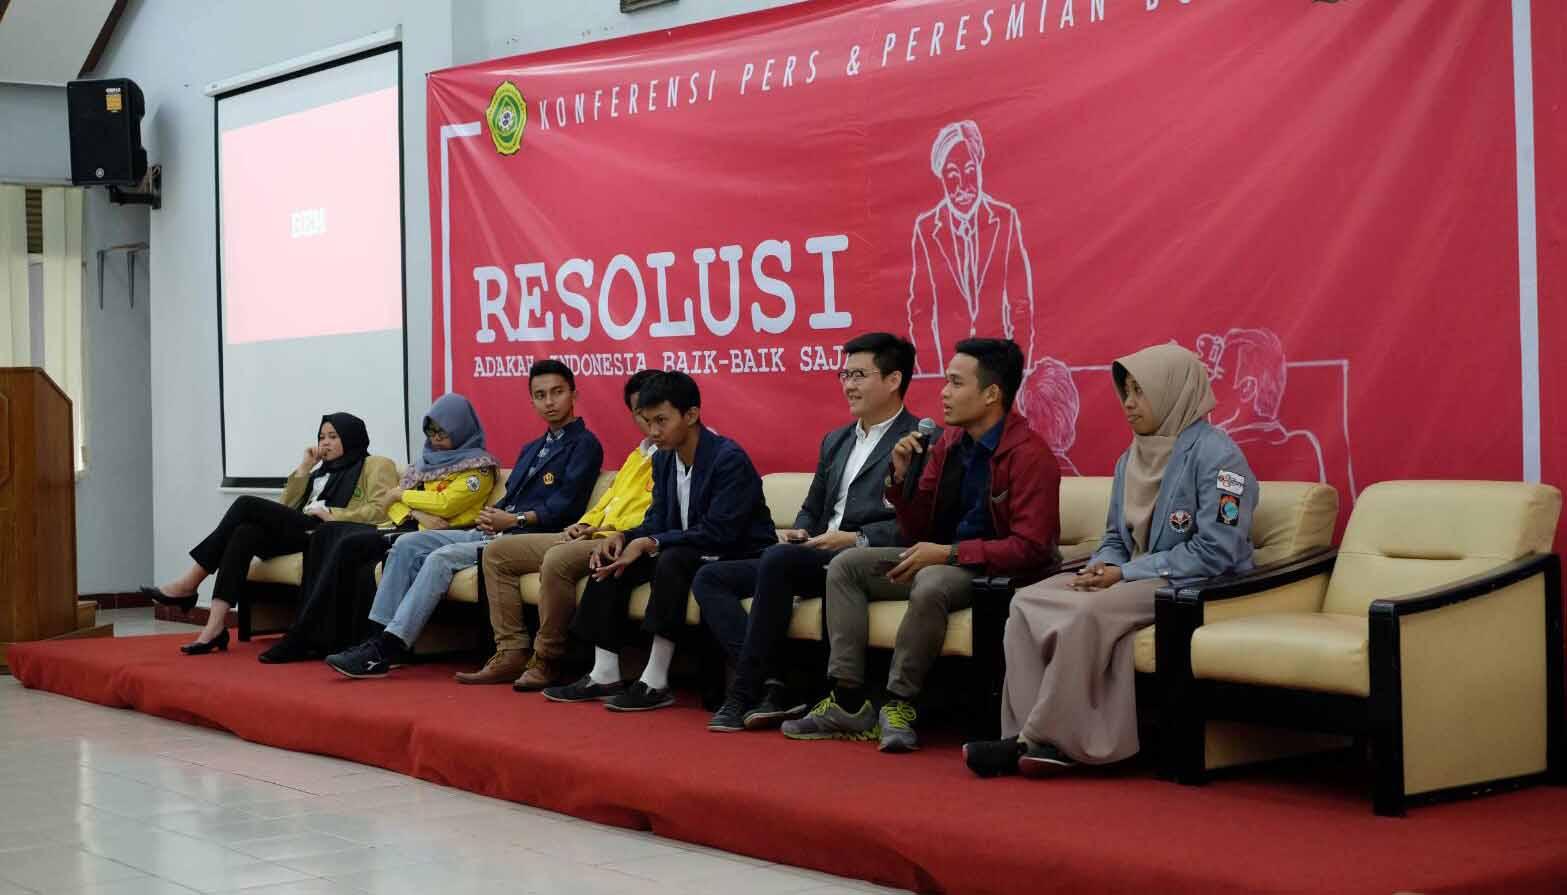 """Konfrensi Pers acara peluncuran buku """"RESOLUSI: Adakah Indonesia Baik-baik Saja?"""". Dok/PM UNPAR"""